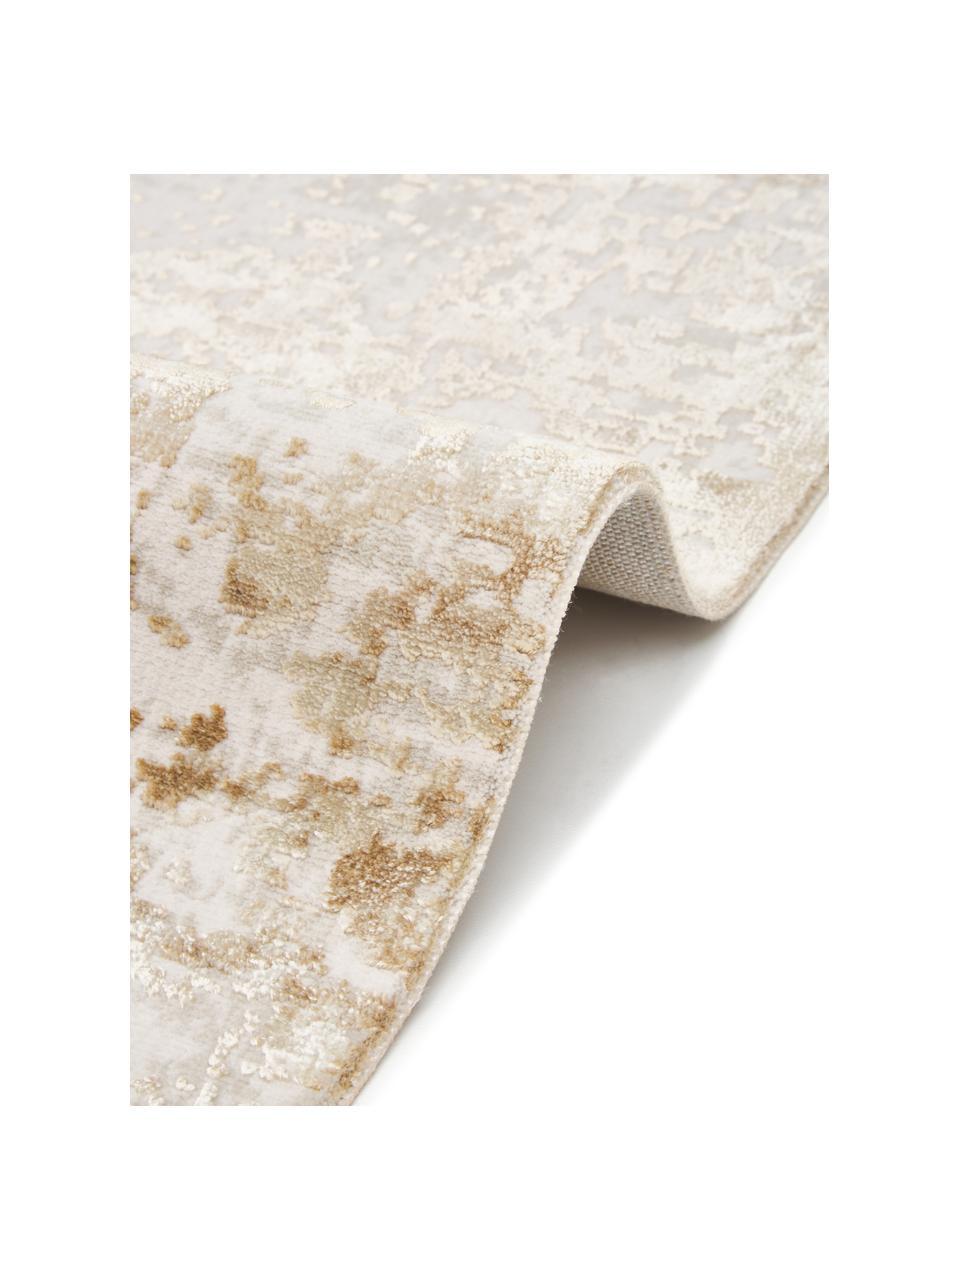 Glanzend vloerkleed Cordoba in beigetinten met franjes, vintage stijl, Bovenzijde: 70% acryl, 30% viscose, Onderzijde: 100% katoen, Beigetinten, B 130 x L 190 cm (maat S)